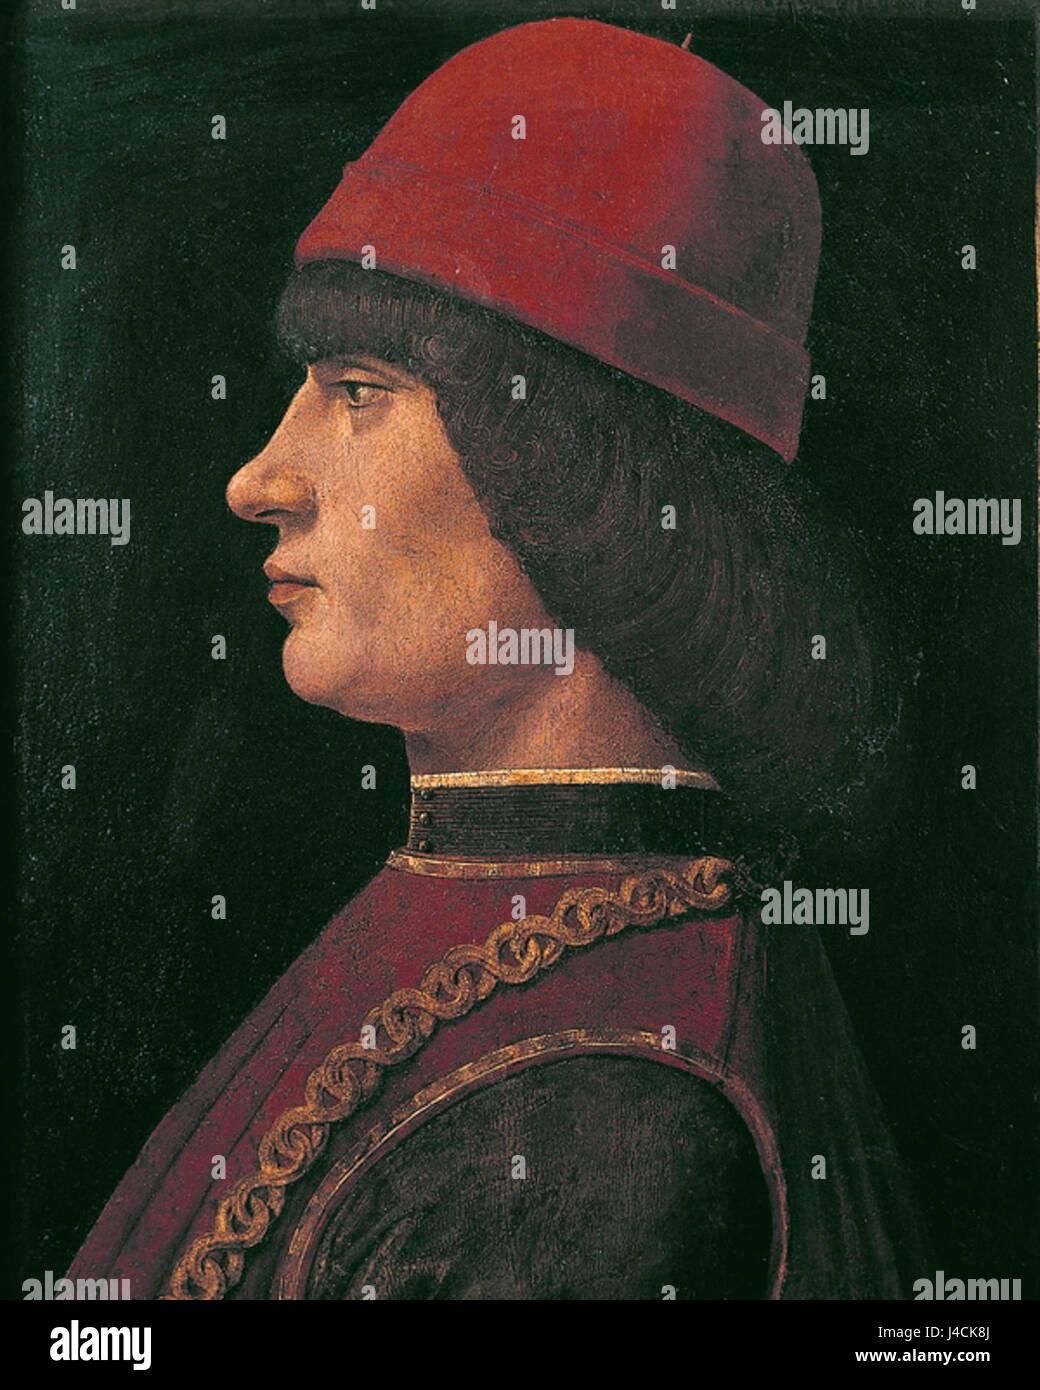 Ritratto di Giovanni Pico della Mirandola (XV secolo), olio su tela, particolare. Bergamo, Accademia Carrara - Stock Image